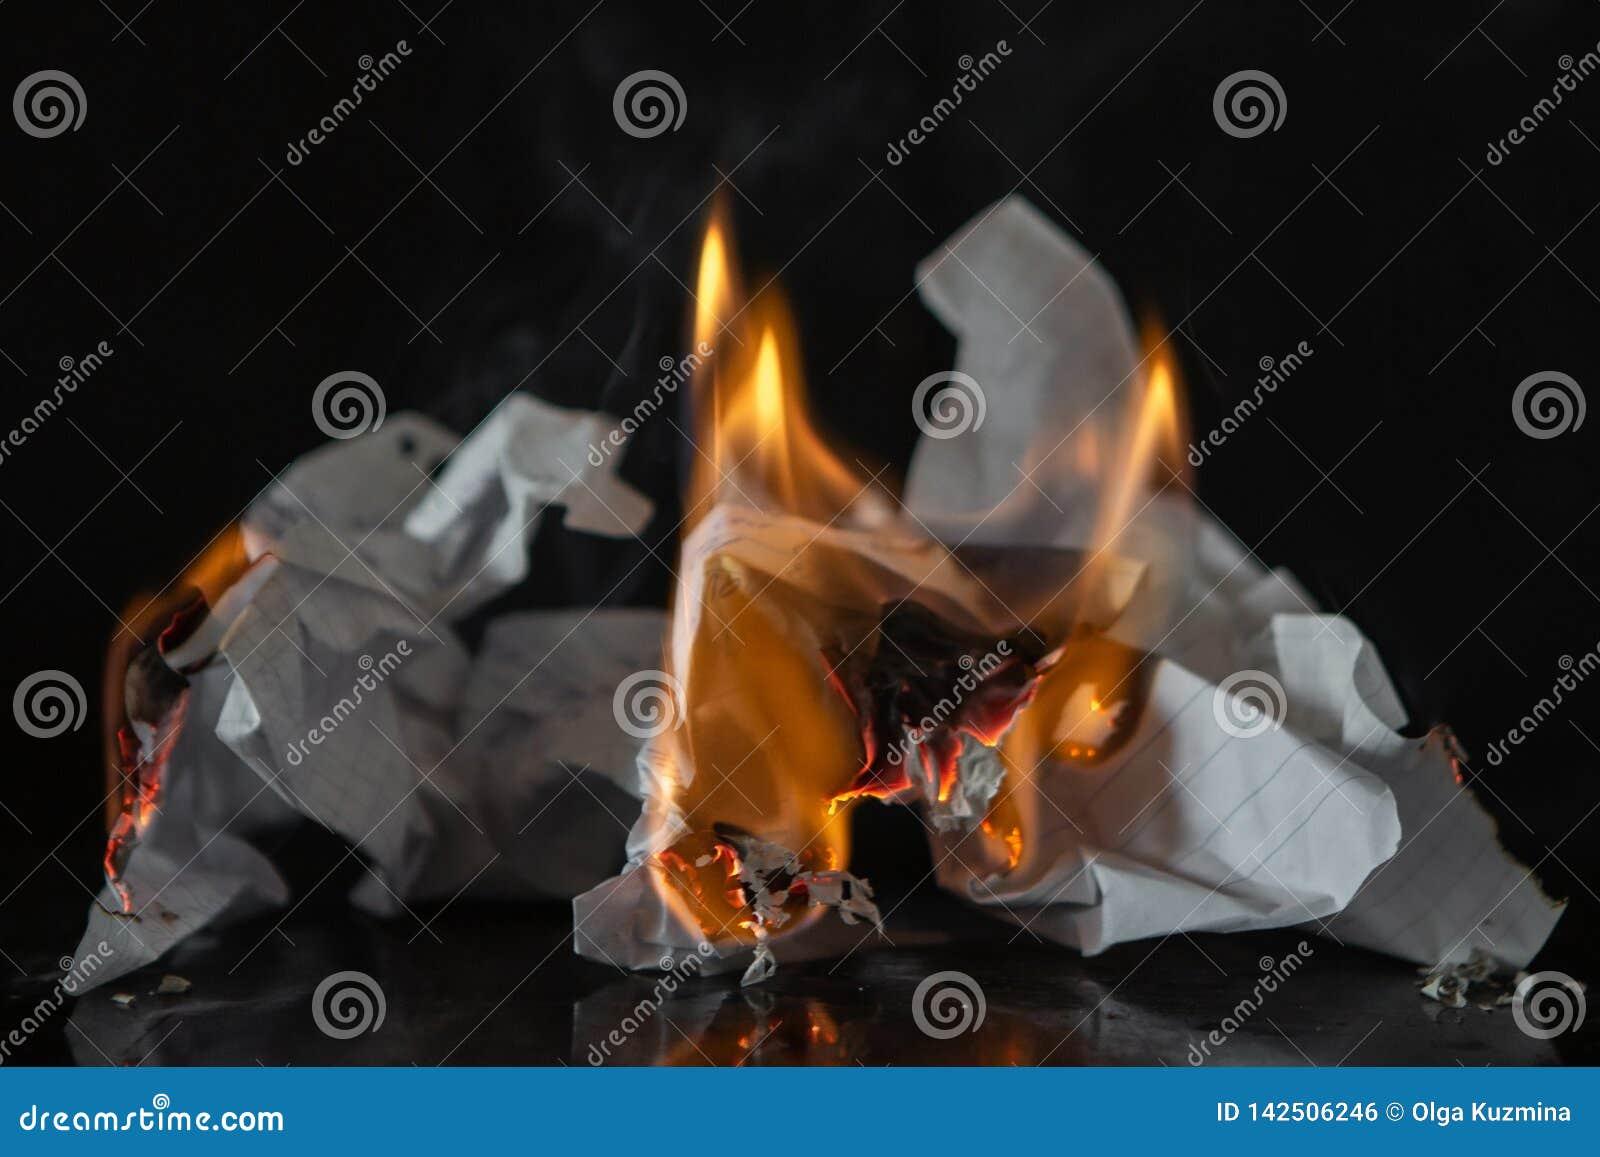 Papel de queimadura em um fundo preto Fogo e cinzas da escrita, memórias